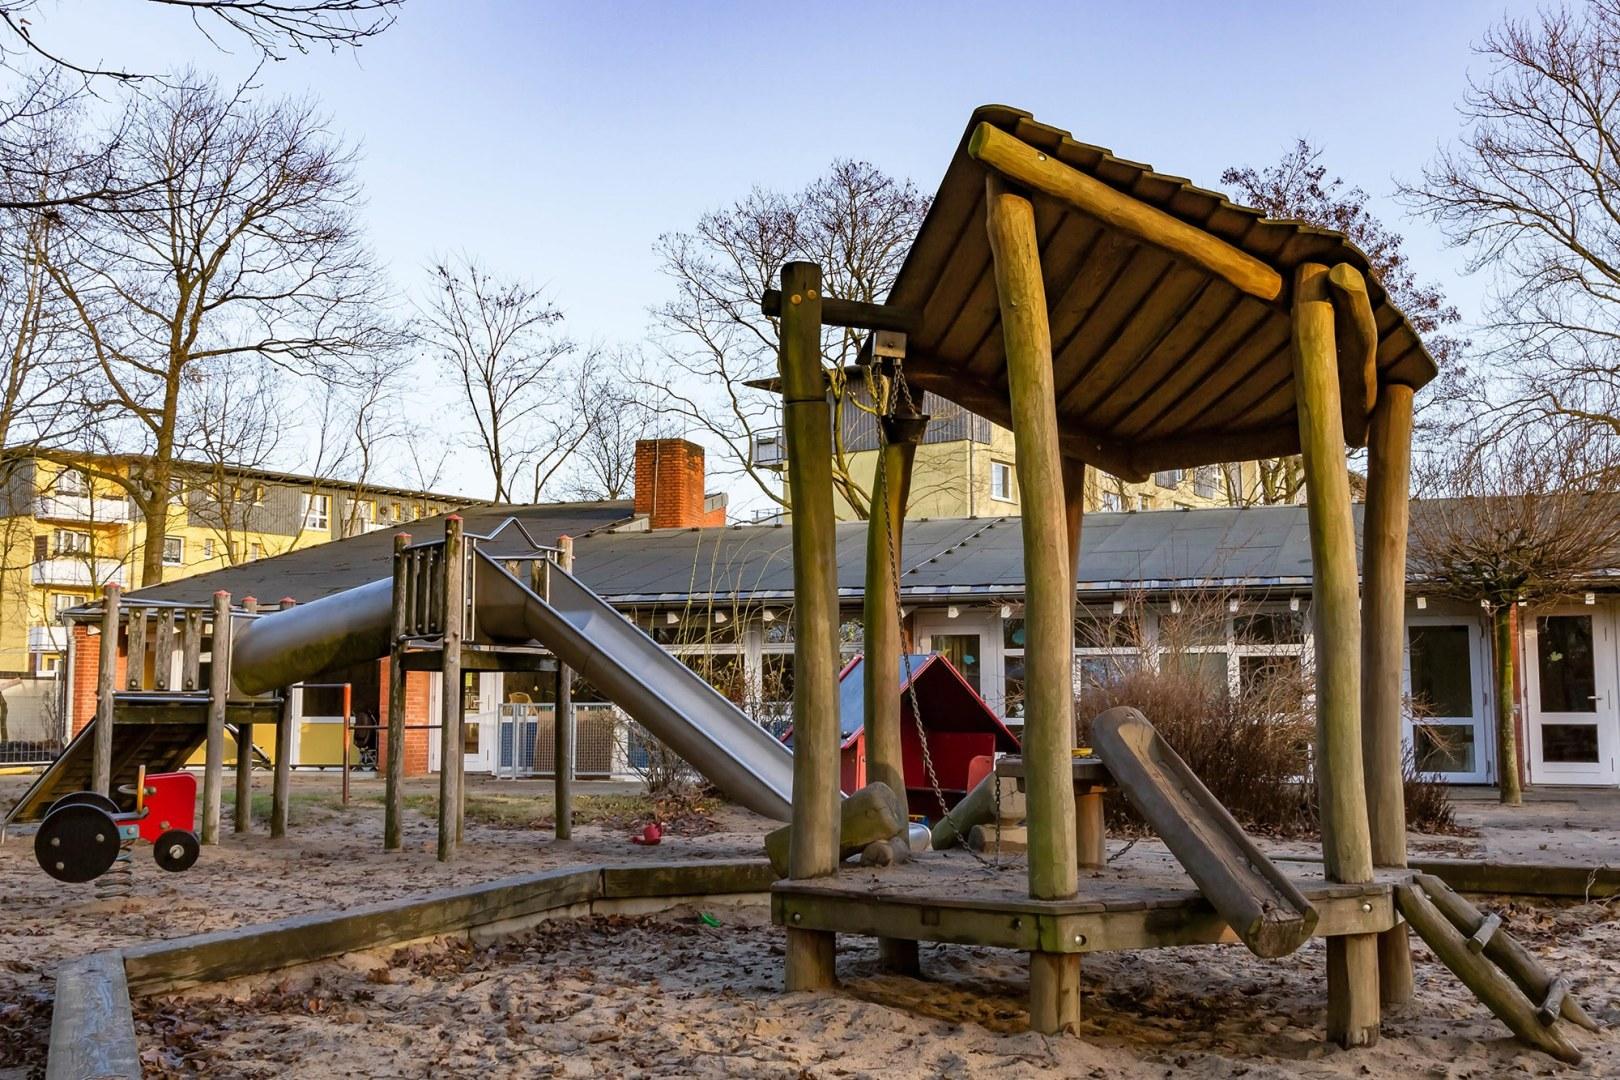 Klettergerüst U3 : Kindertagesstätte batteriestraße u2013 bremerhaven.de